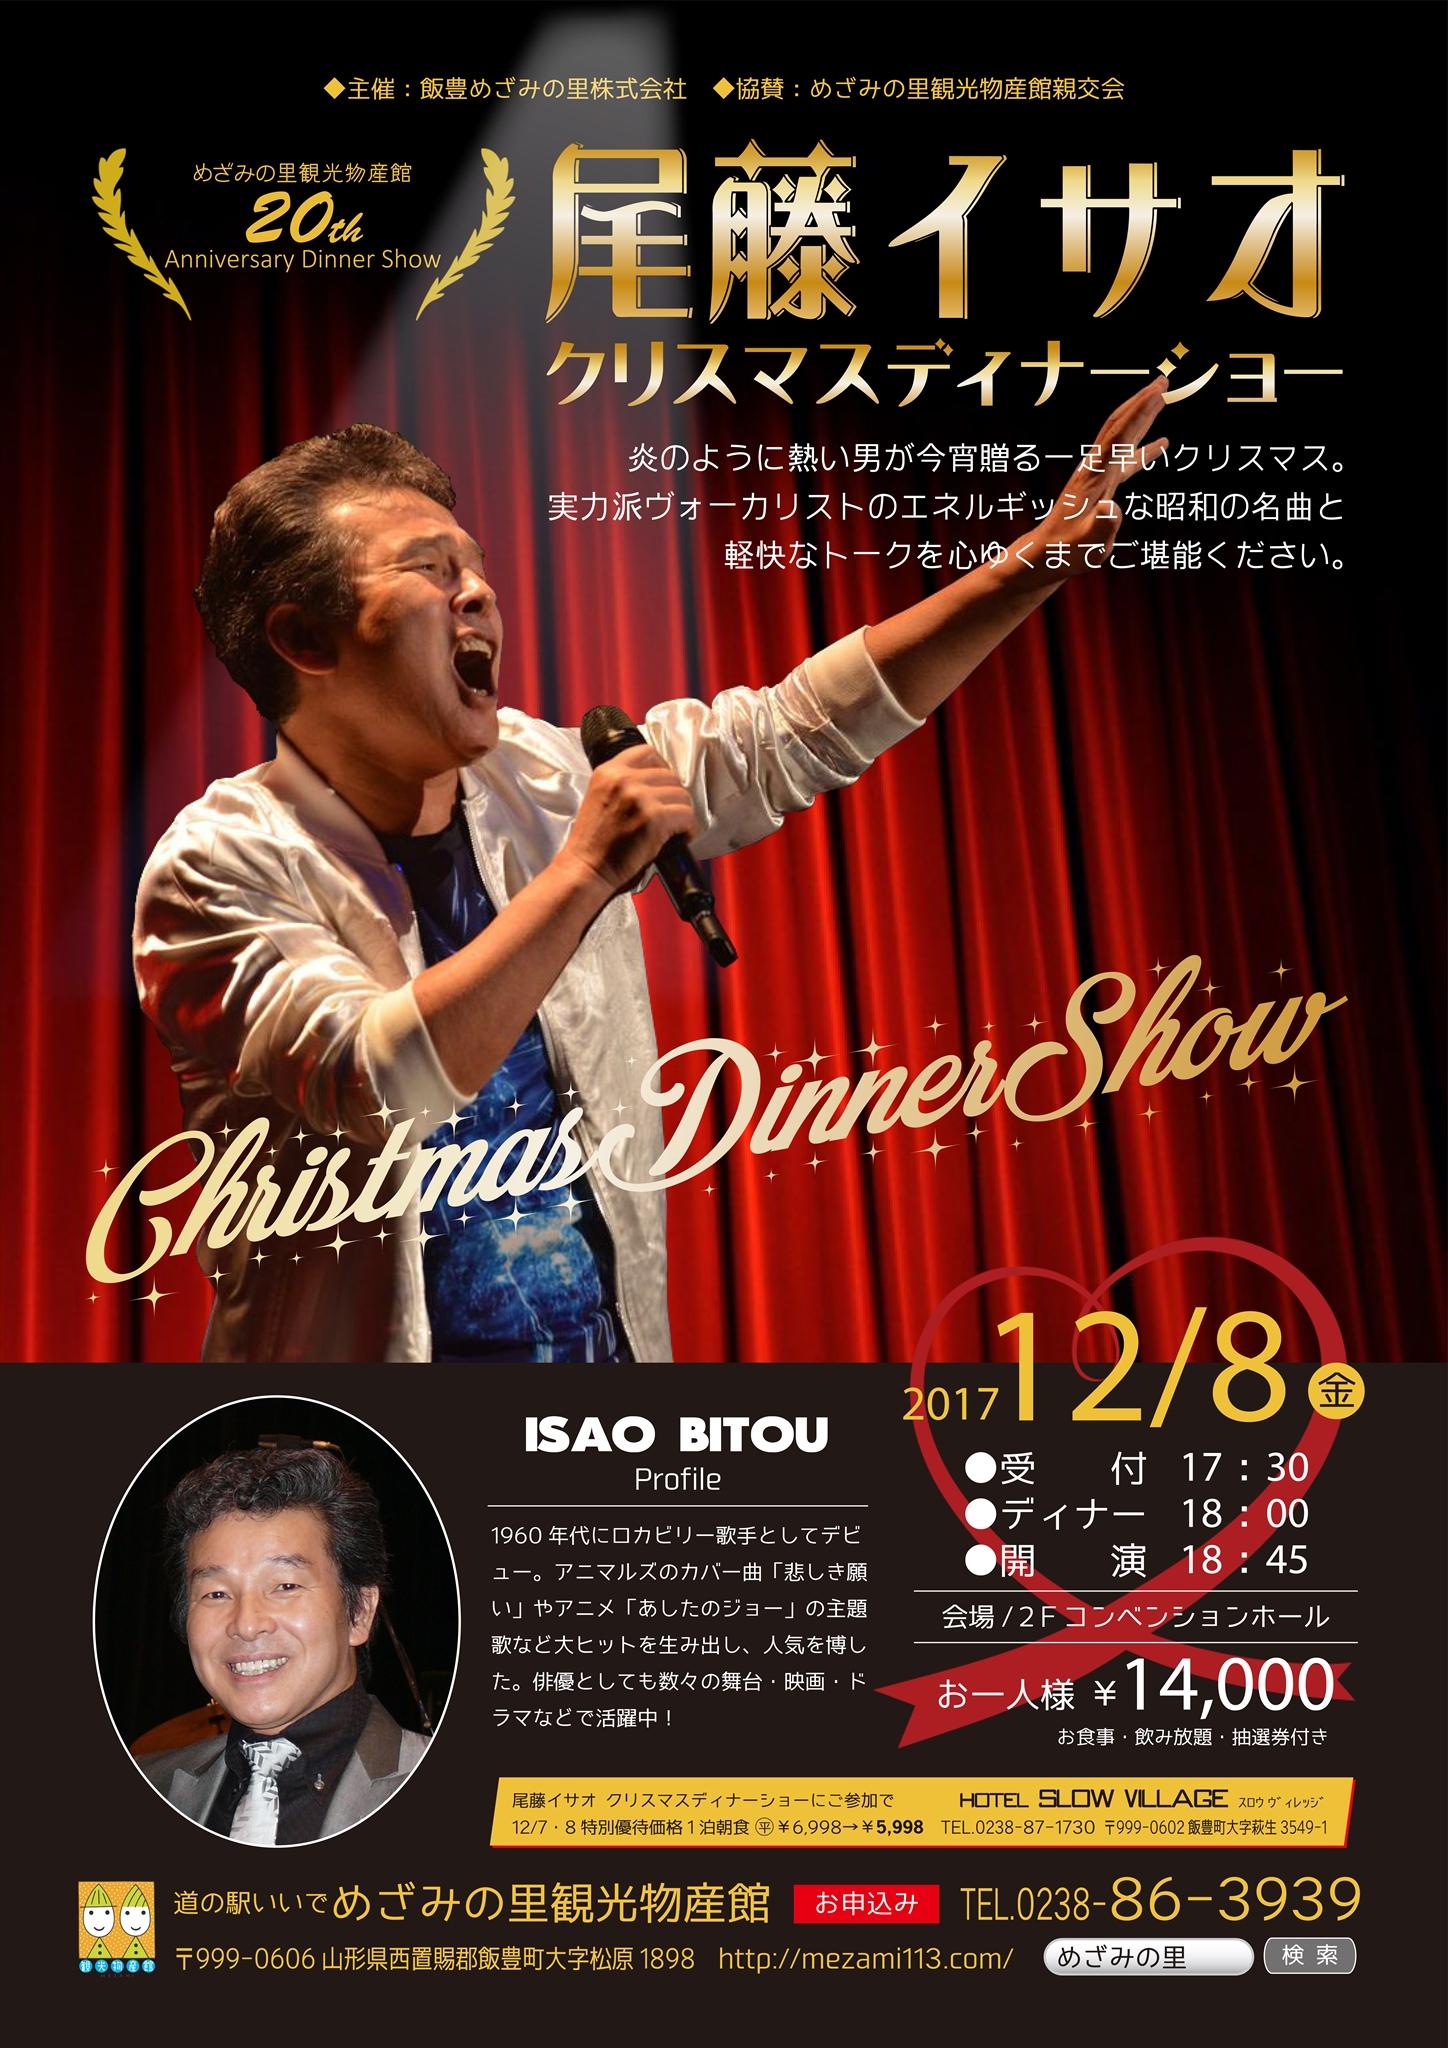 クリスマスディナーショー開催!:画像